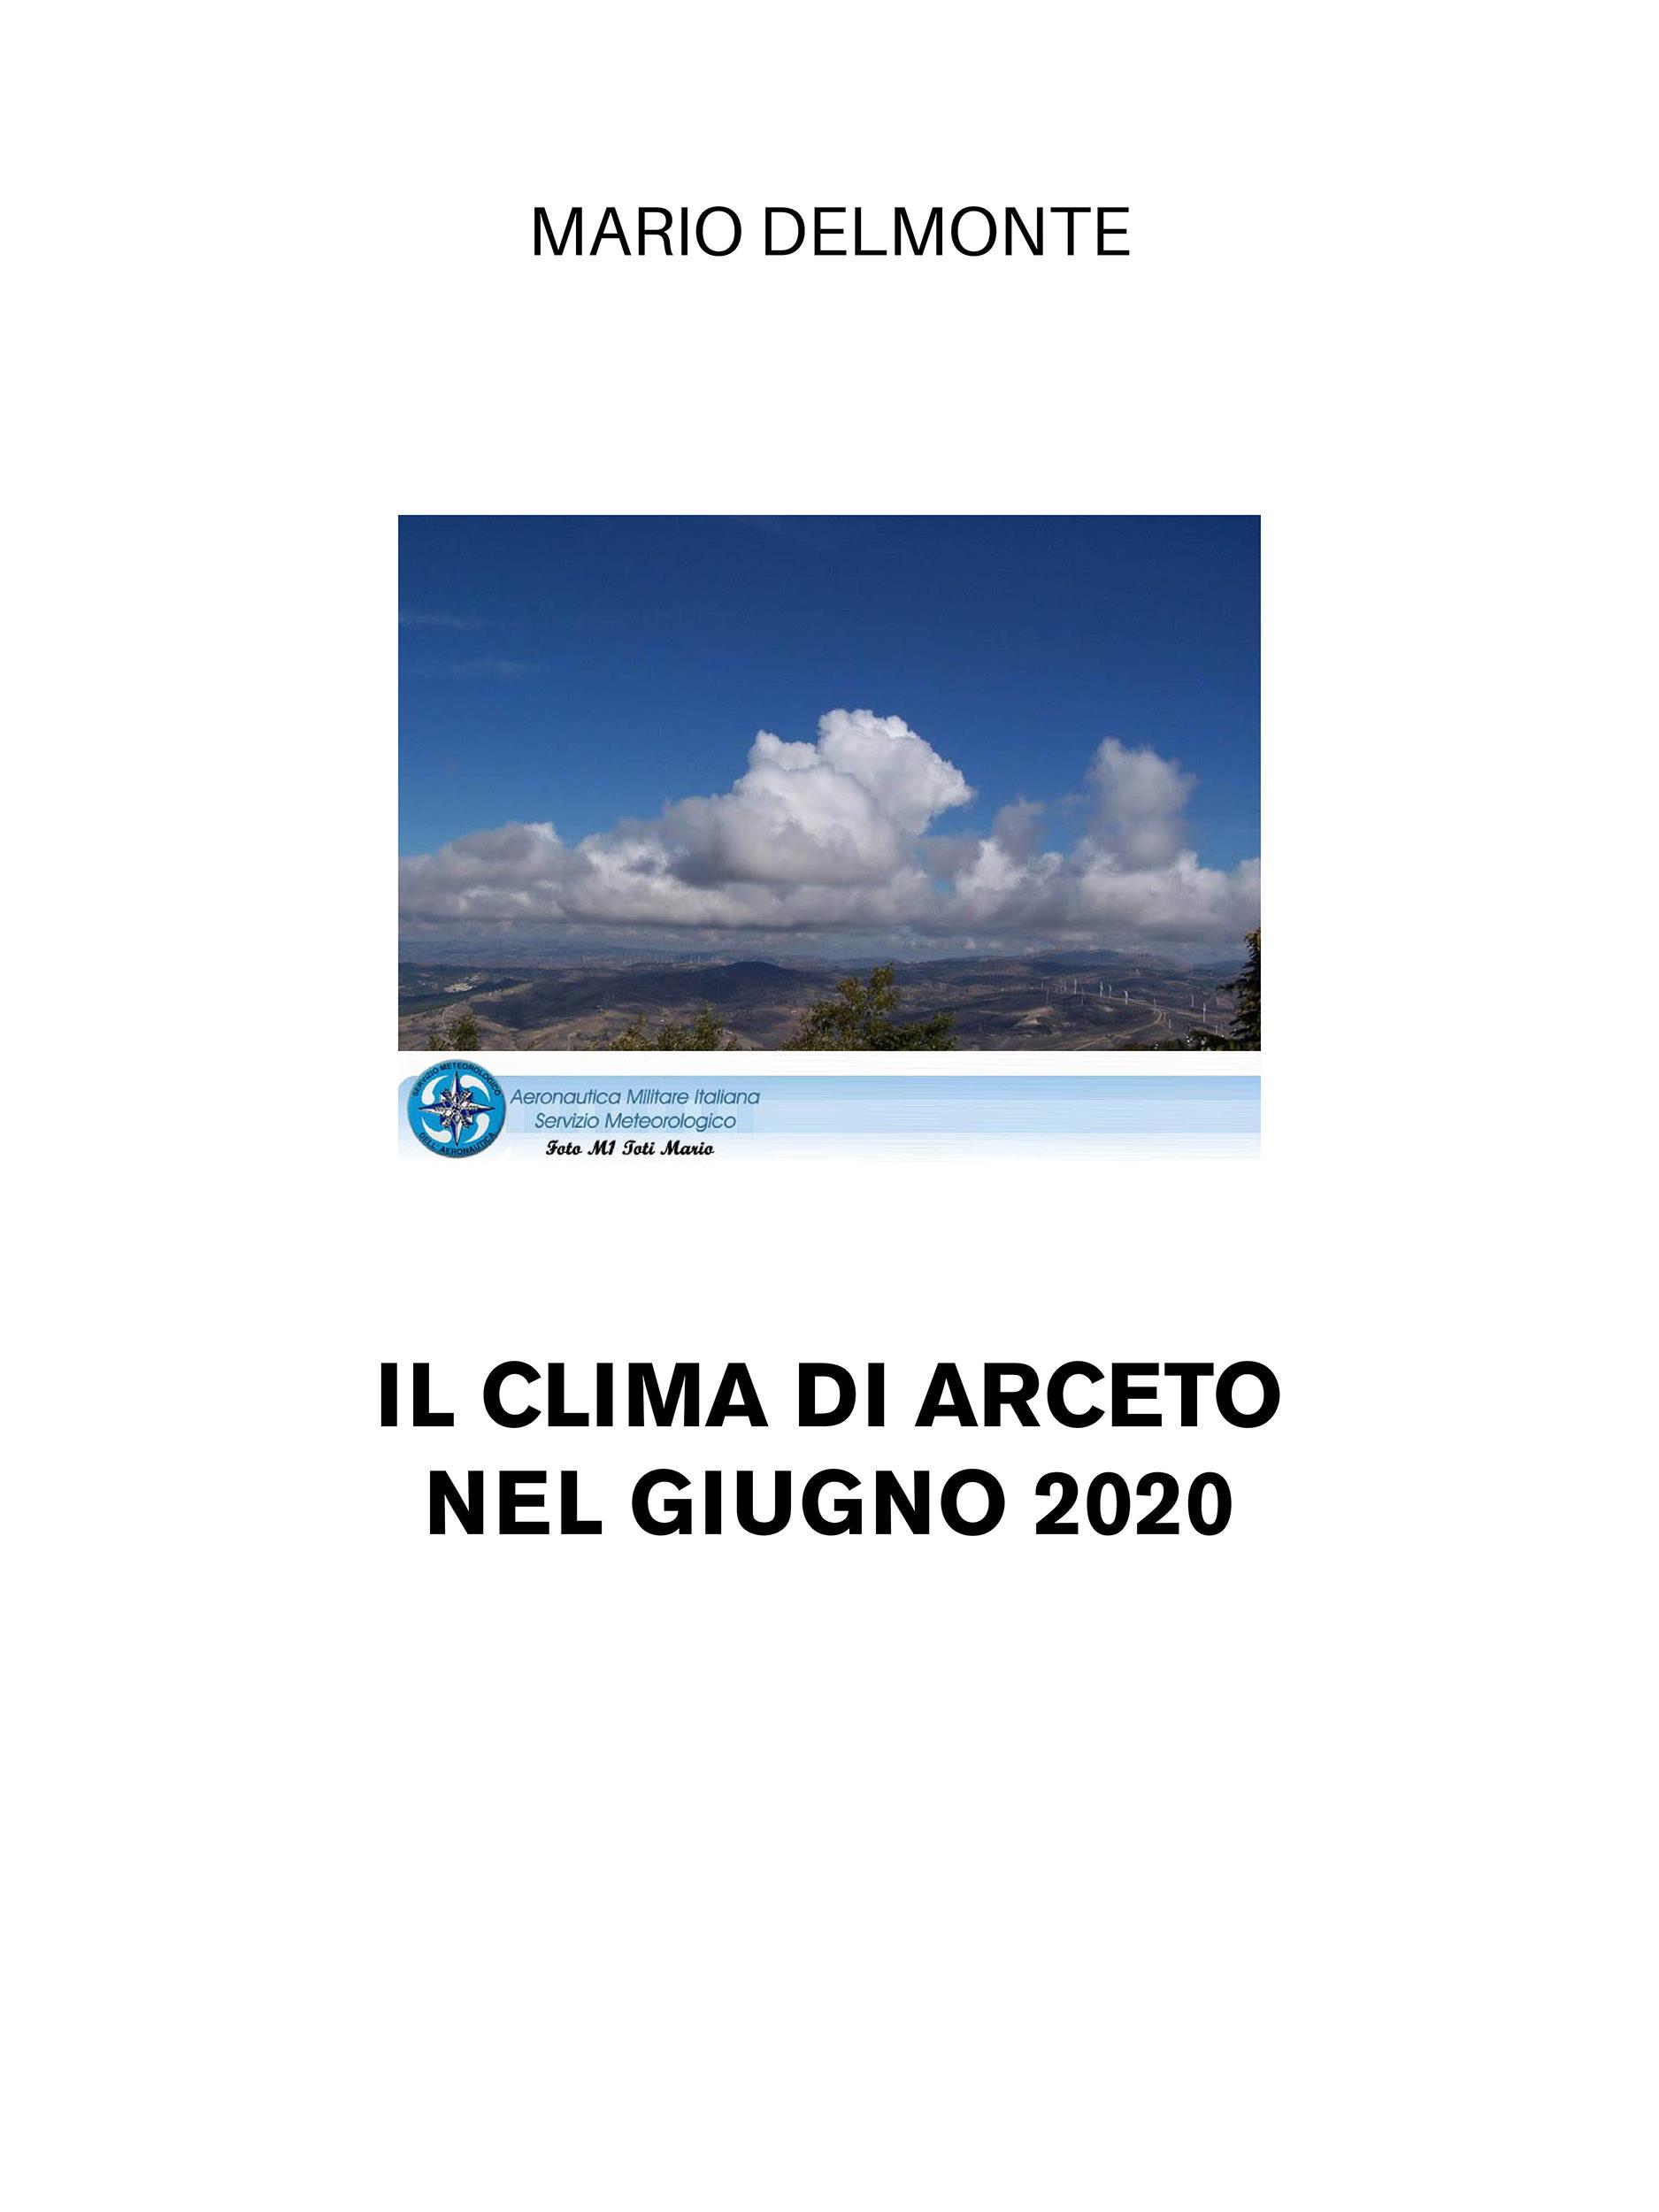 Il clima di Arceto nel giugno 2020